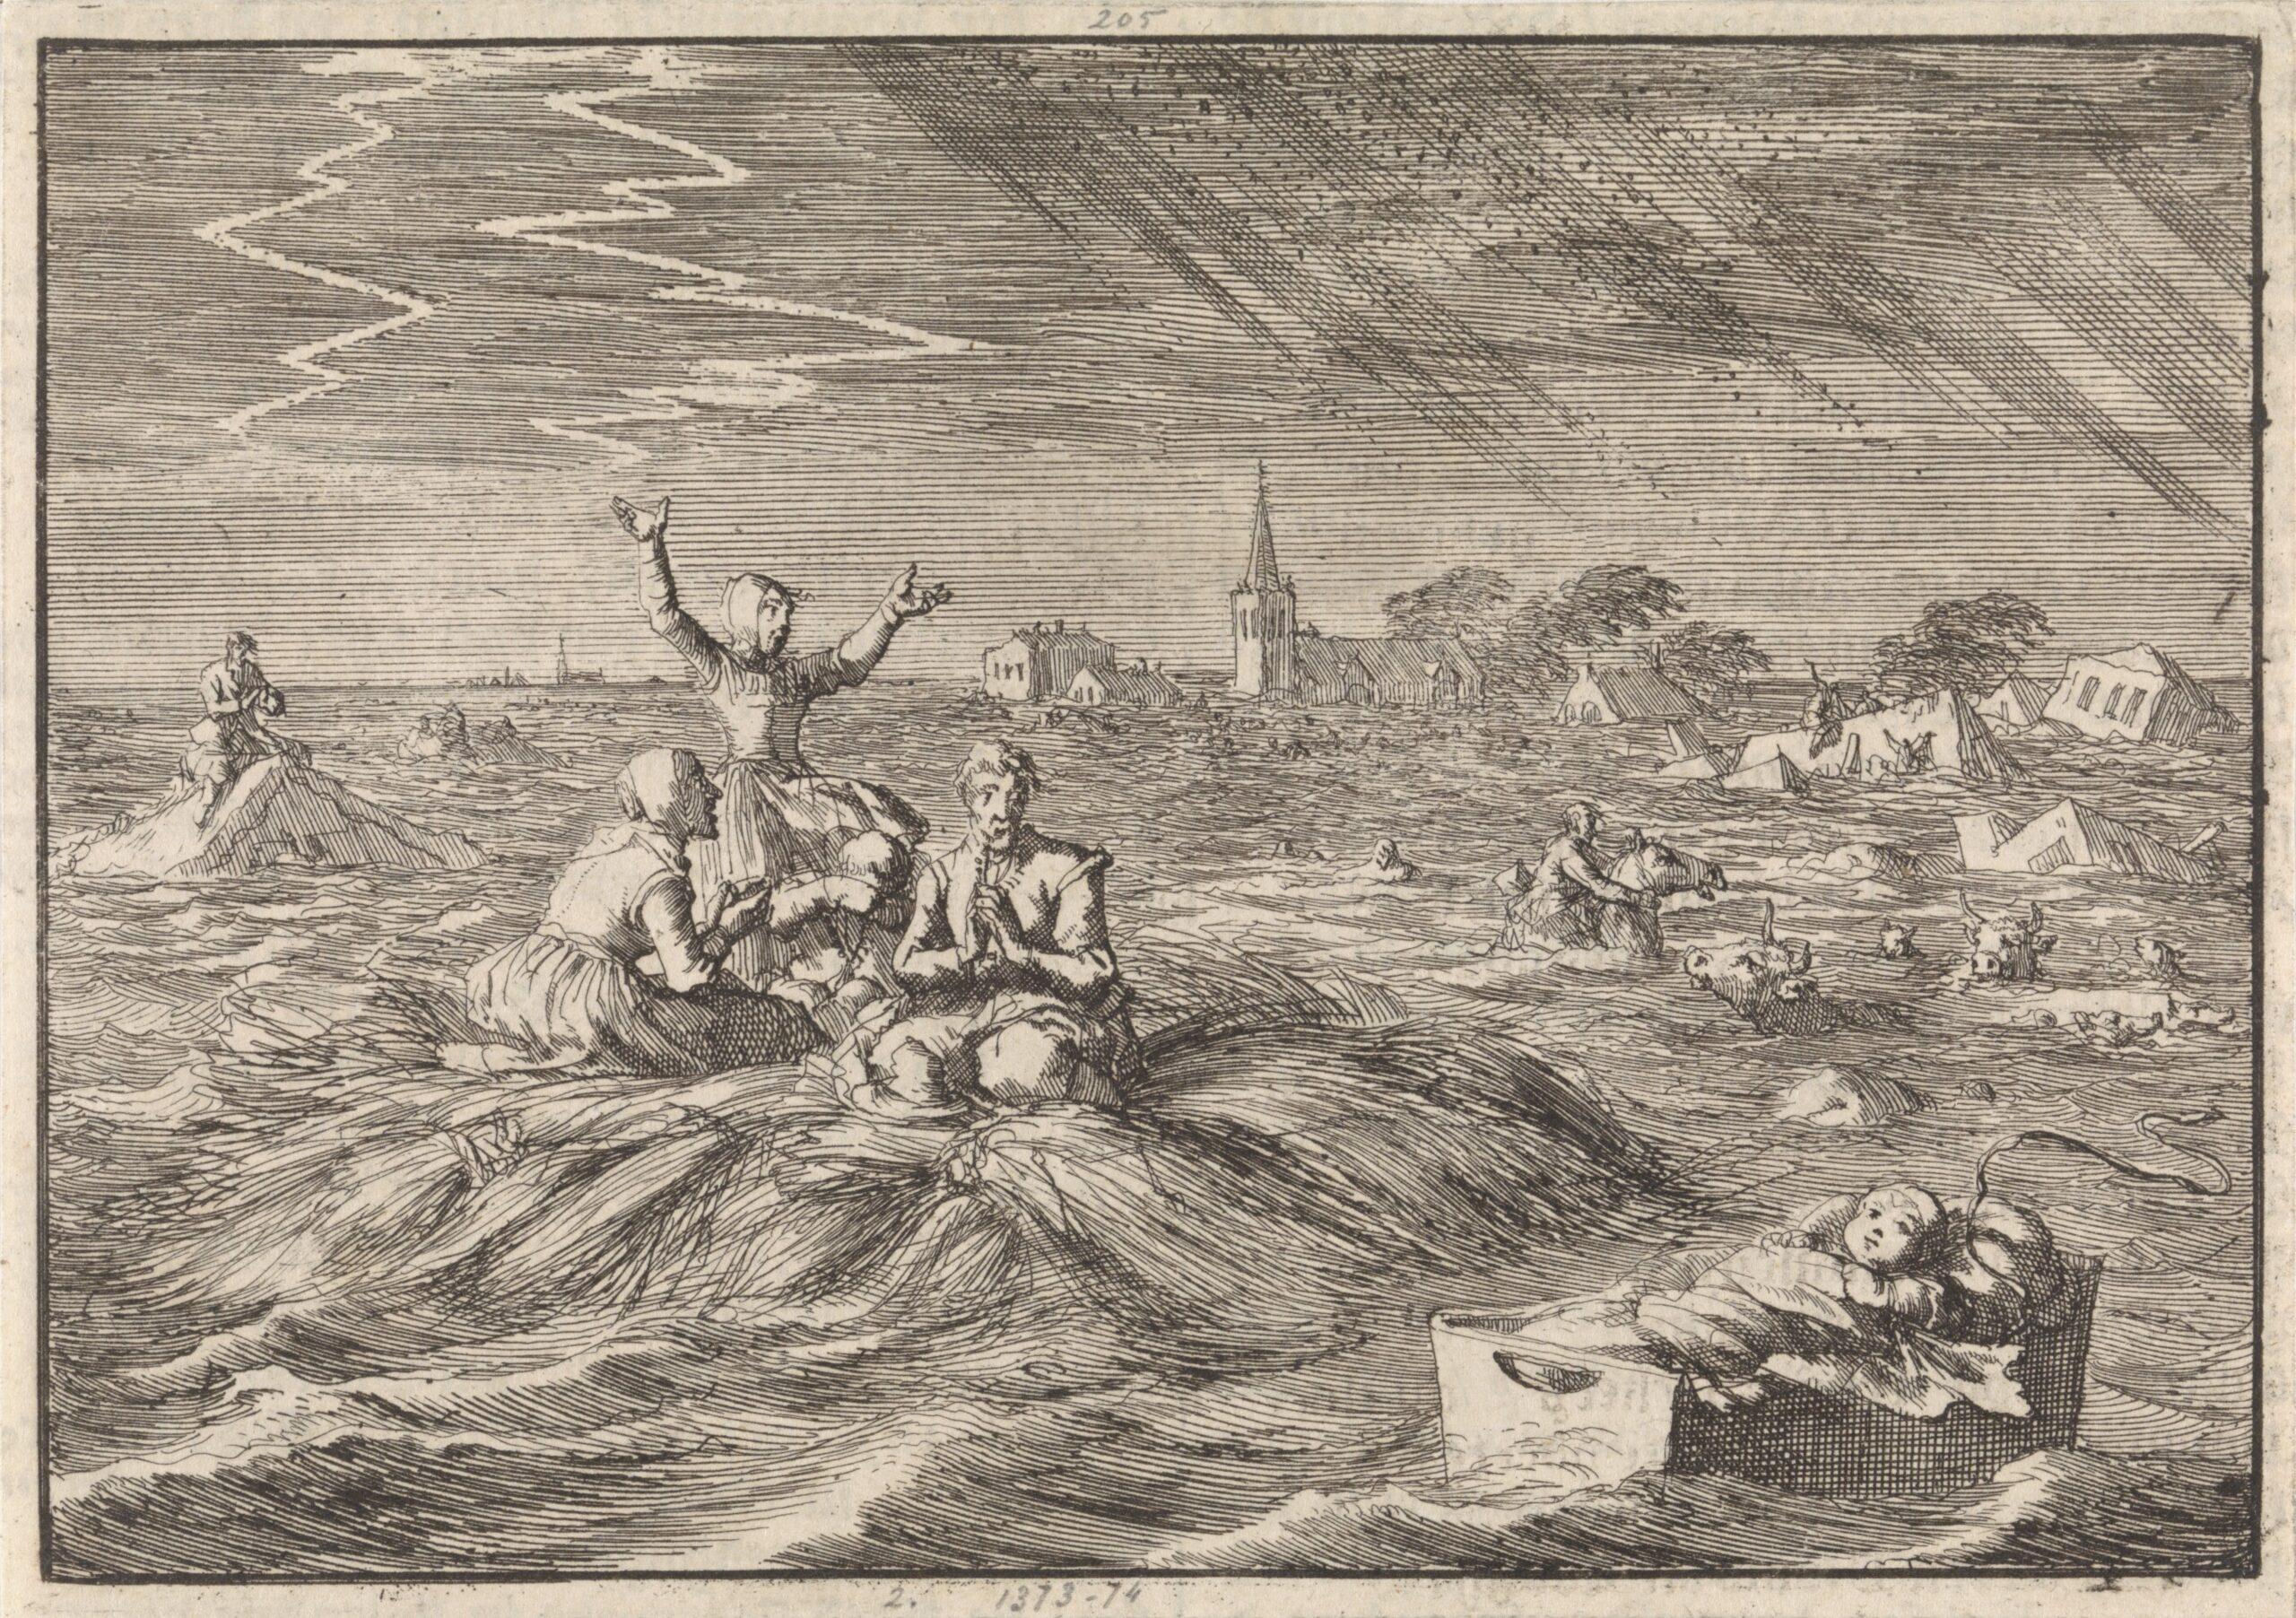 Prent van J. Luyken, 1702, ter illustratie van vloeden in 1682 en 1686 (Rijksmuseum Amsterdam).